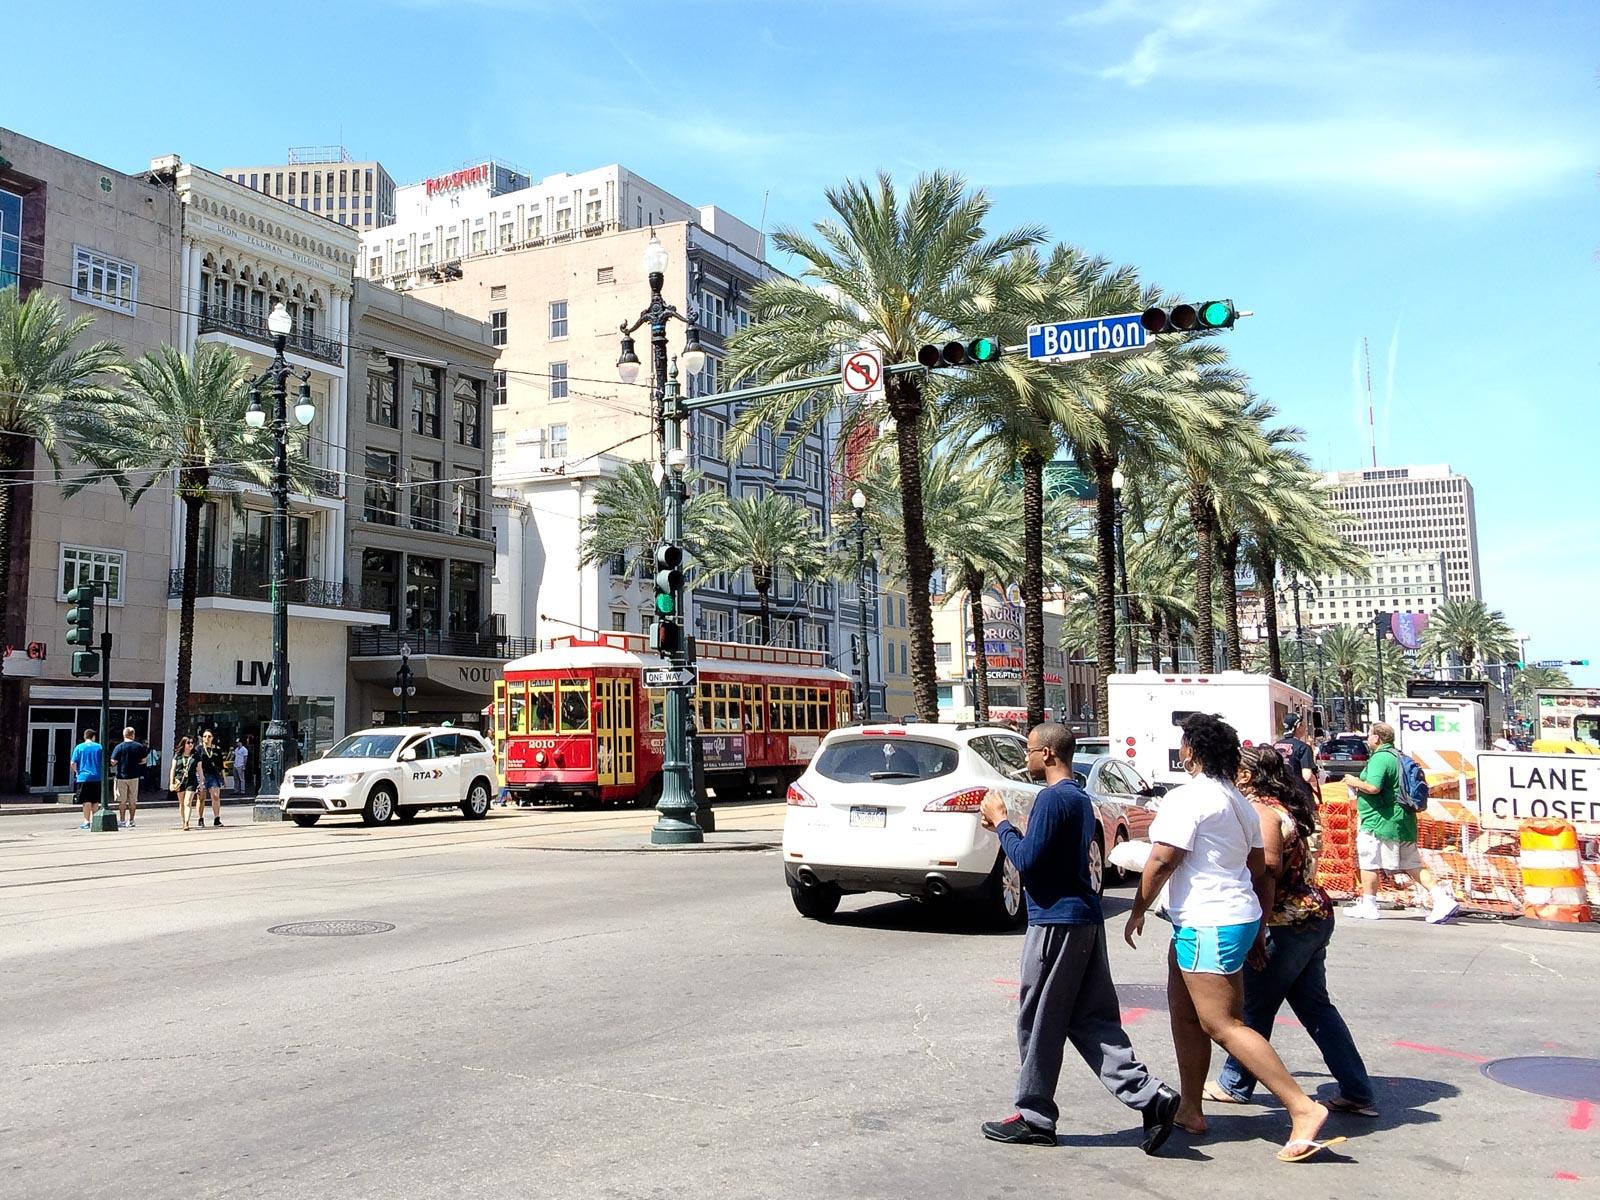 Die Straßenbahnen oder auch Street Cars gehören zum Bild von New Orleans einfach dazu.